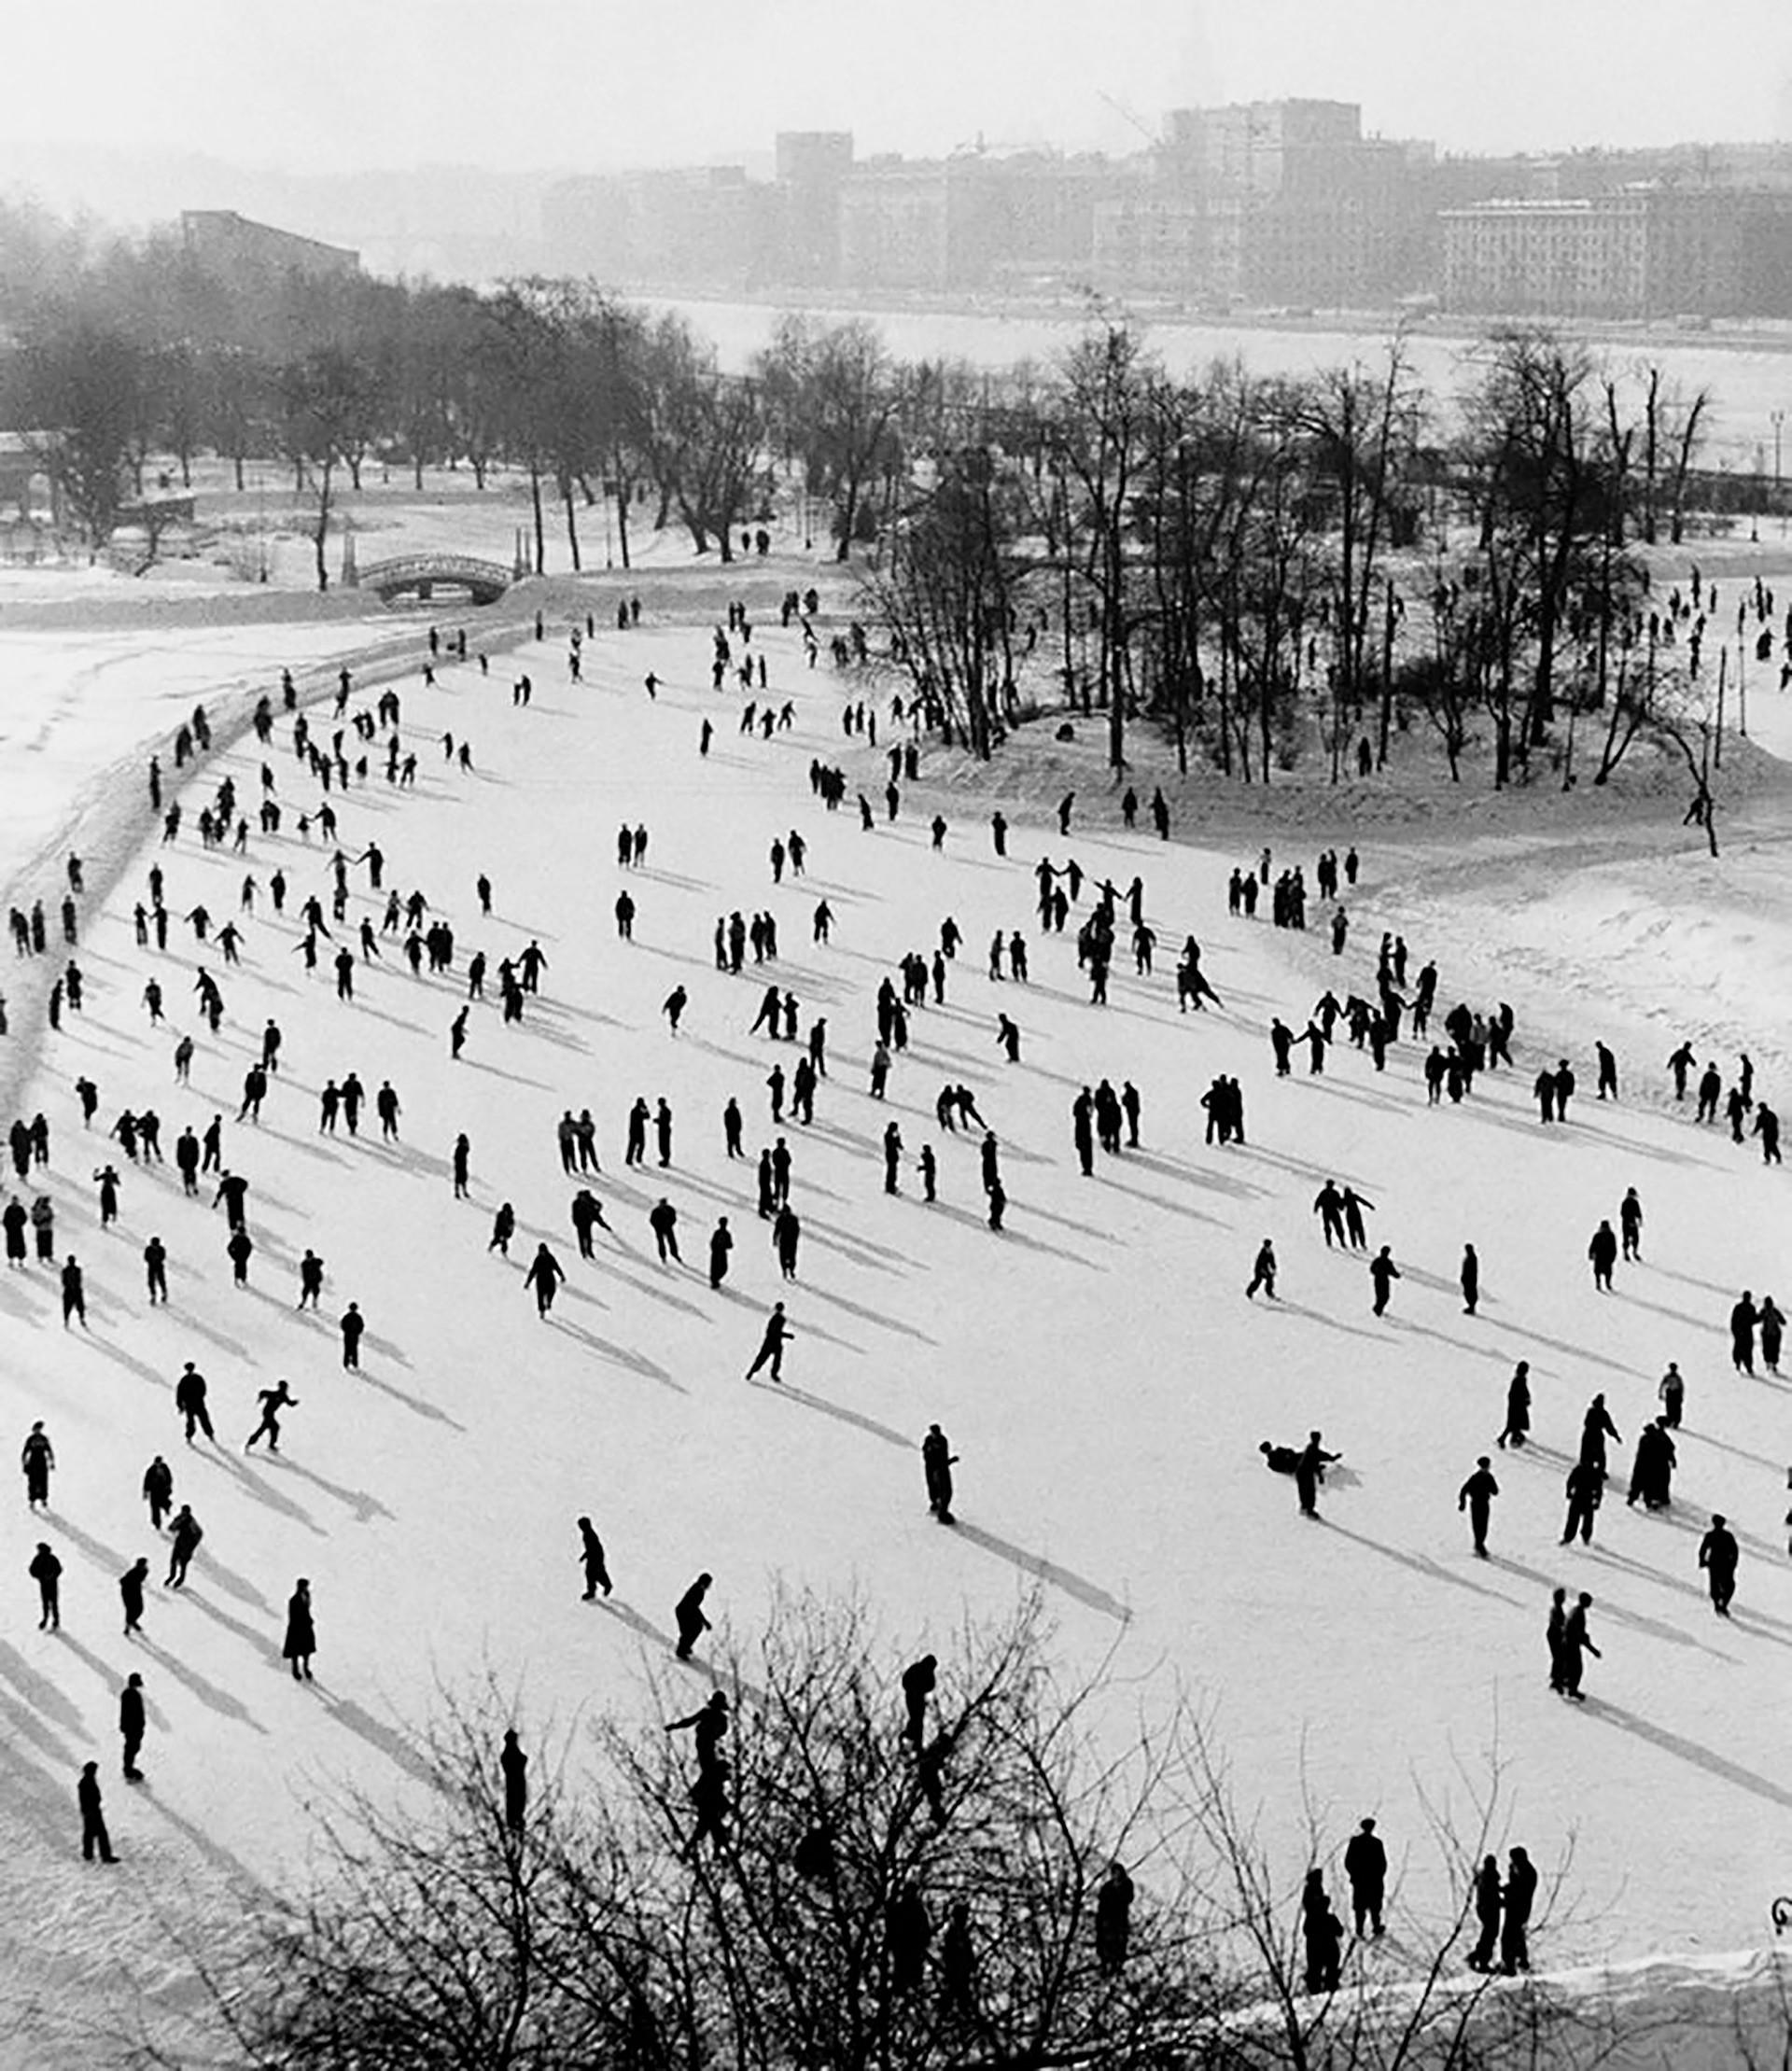 Verschneite Wintertage sollte man draußen verbringen: Immerhin kann man ja draußen Eislaufen. Das macht Spaß und hält fit! Das zeigt auch dieses Foto aus den 50er Jahren vom Moskauer Gorki-Park.